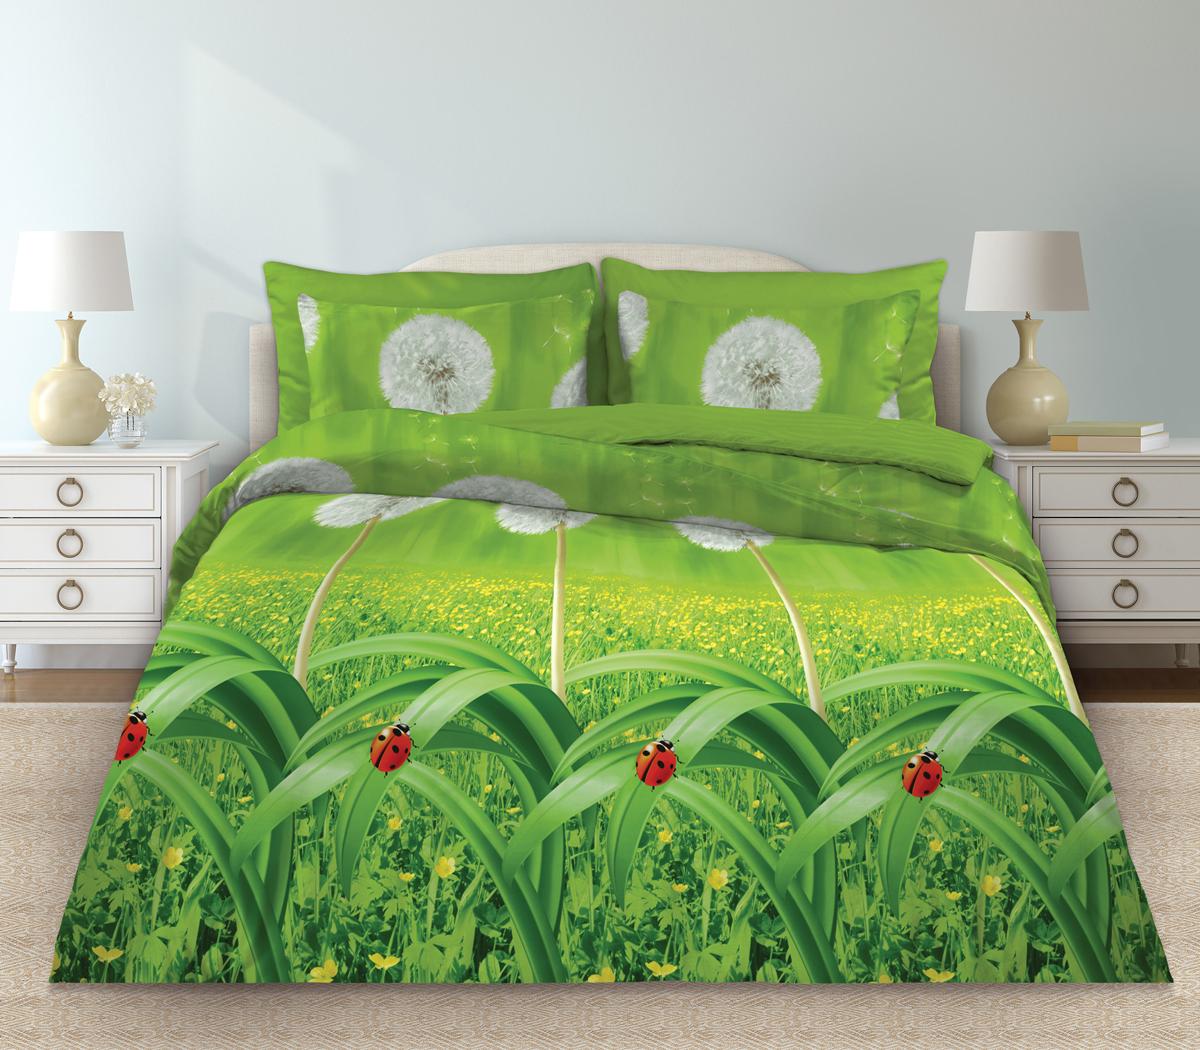 Комплект белья Любимый дом Одуванчики, евро, наволочки 70 х 70, цвет: зеленый. 331145331145Комплект постельного белья коллекции «Любимый дом» - выполнен из высококачественной ткани из 100% хлопка. Такое белье абсолютно натуральное, гипоаллергенное, соответствует строжайшим экологическим нормам безопасности, комфортное, дышащее, не нарушает естественные процессы терморегуляции, прочное, не линяет, не деформируется и не теряет своих красок даже после многочисленных стирок, а также отличается хорошей износостойкостью.